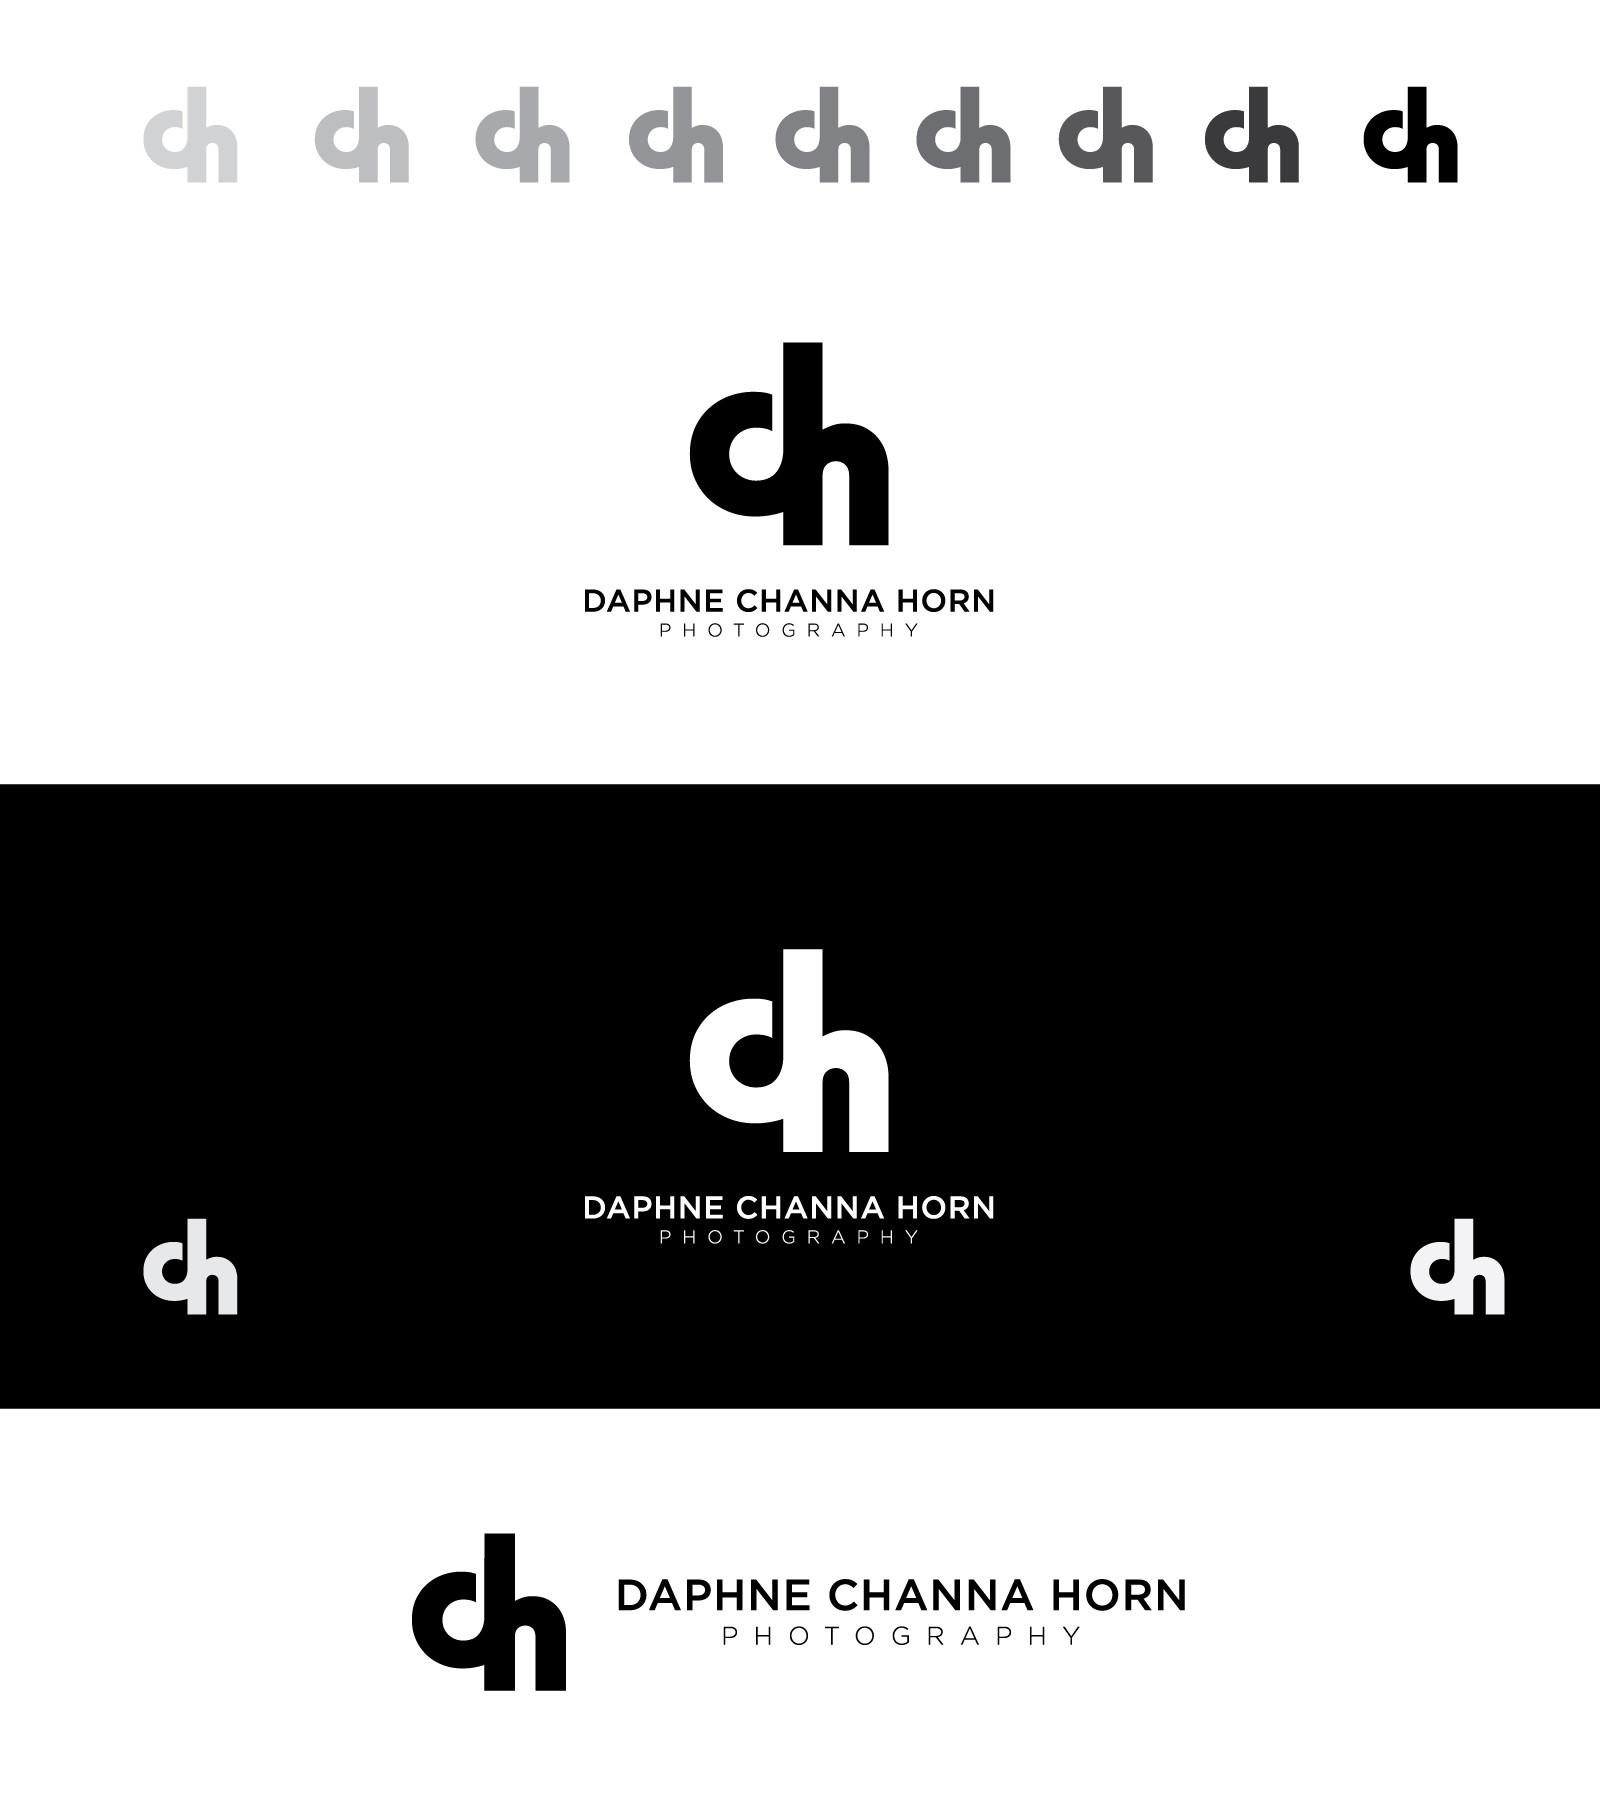 logo for daphne channa horn